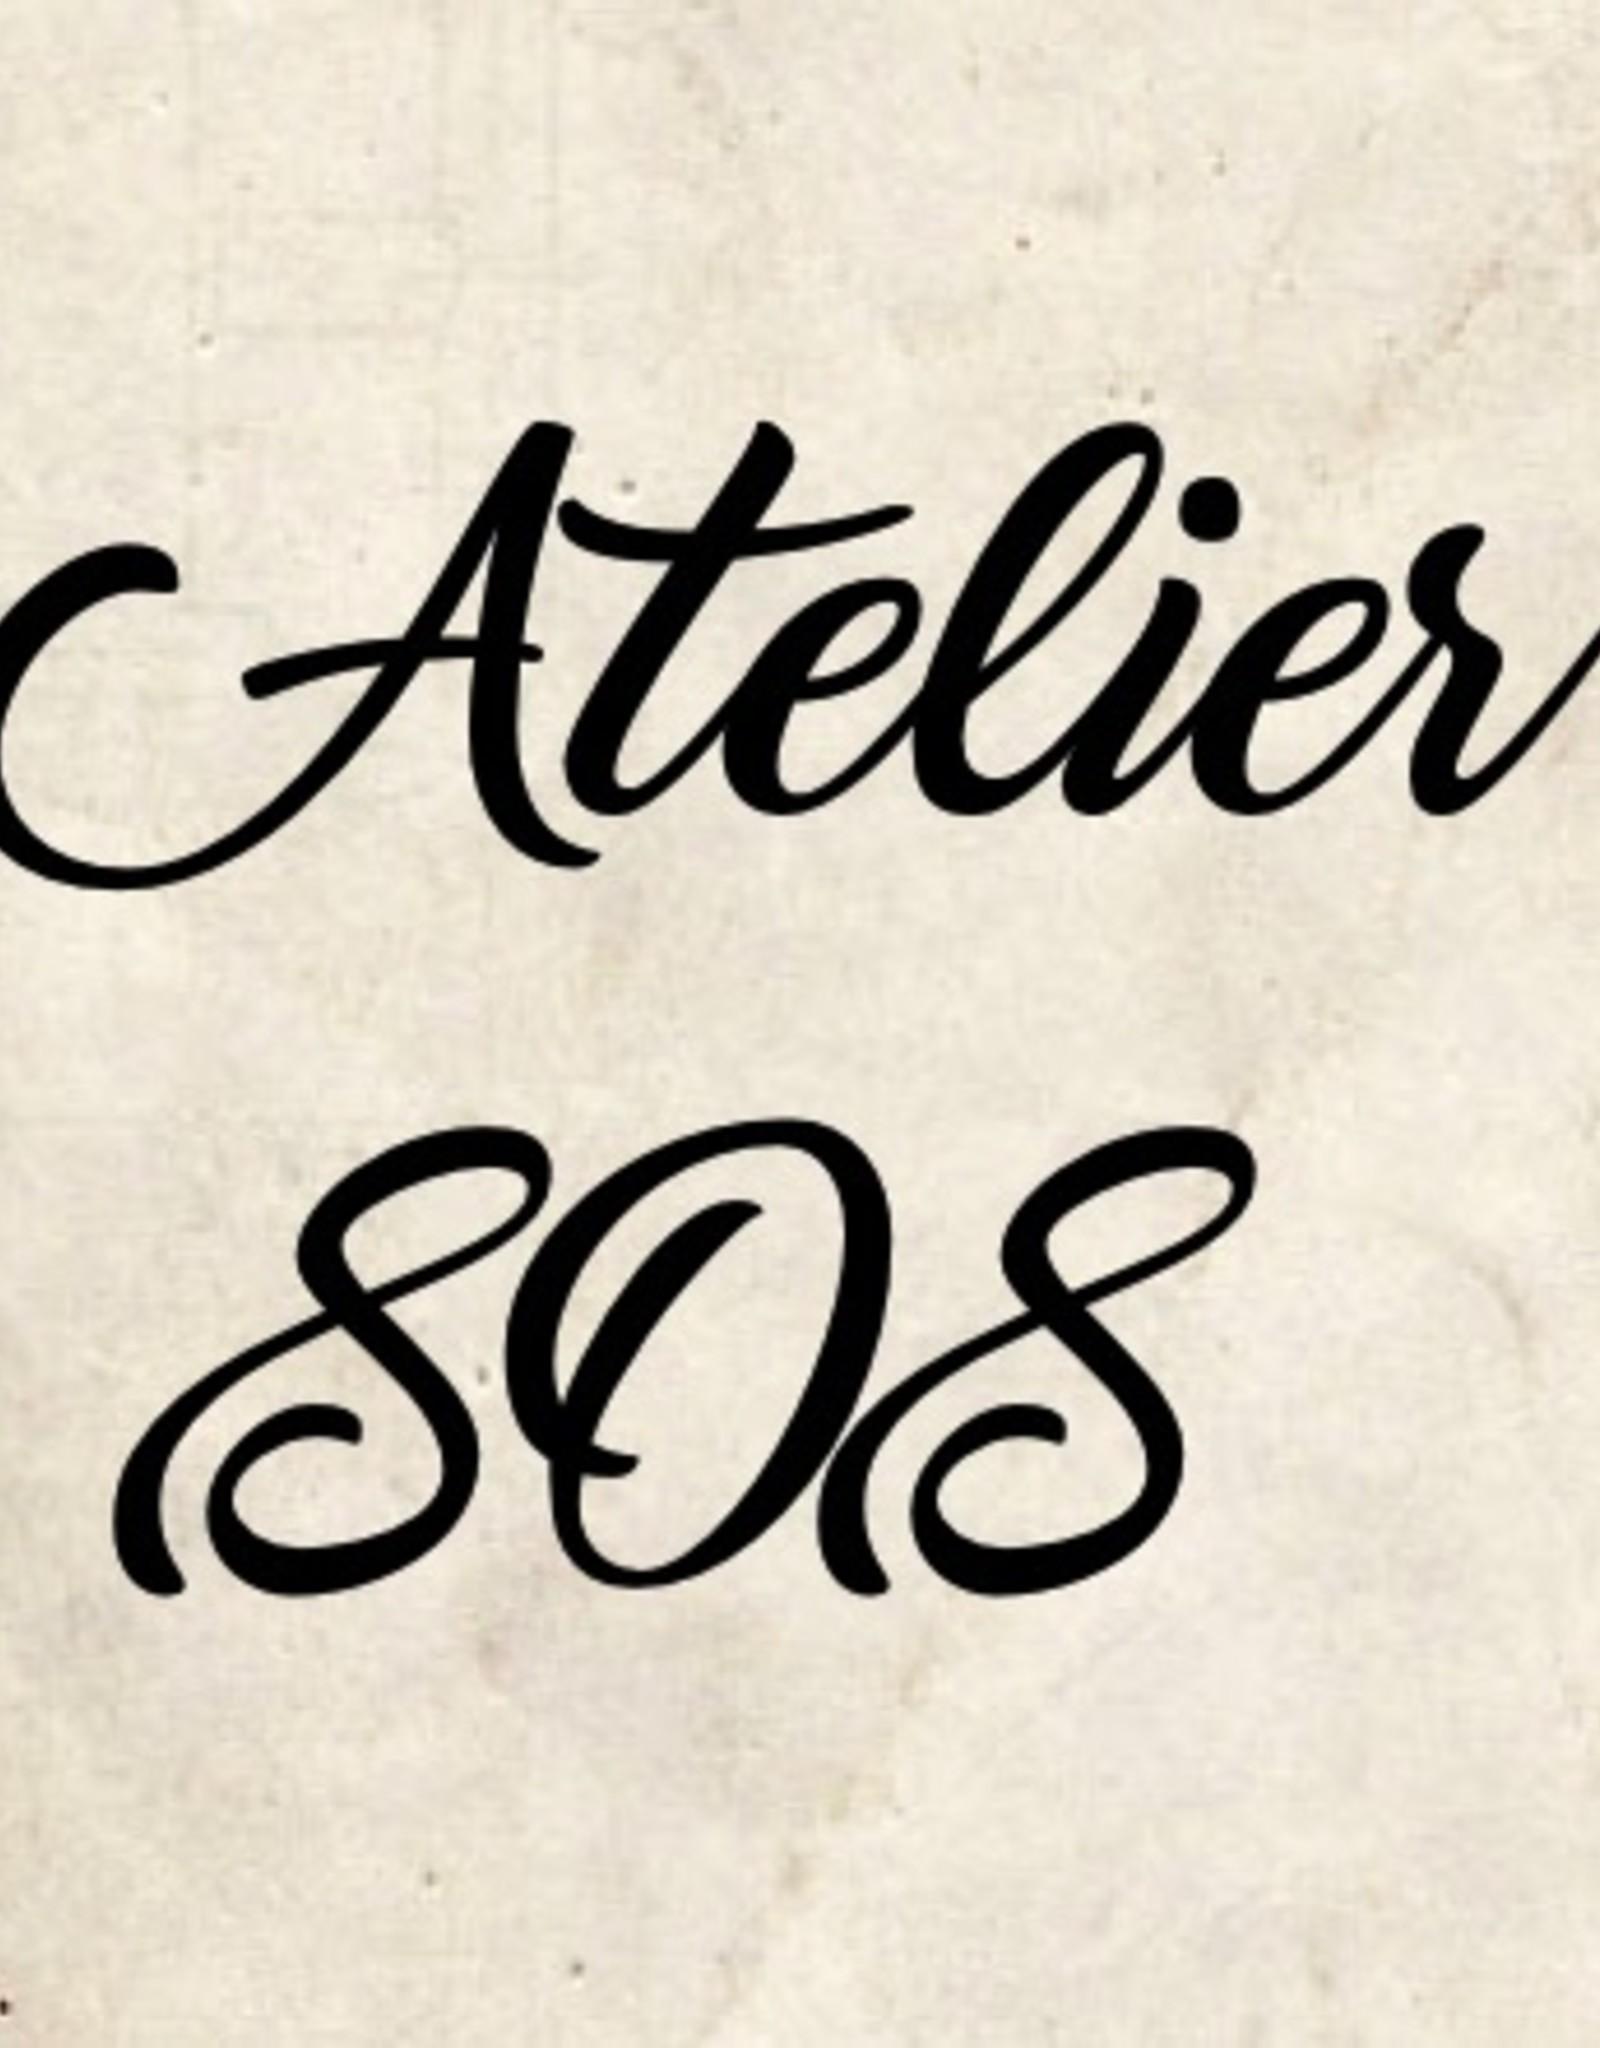 Atelier SOS 27/8 19 uur